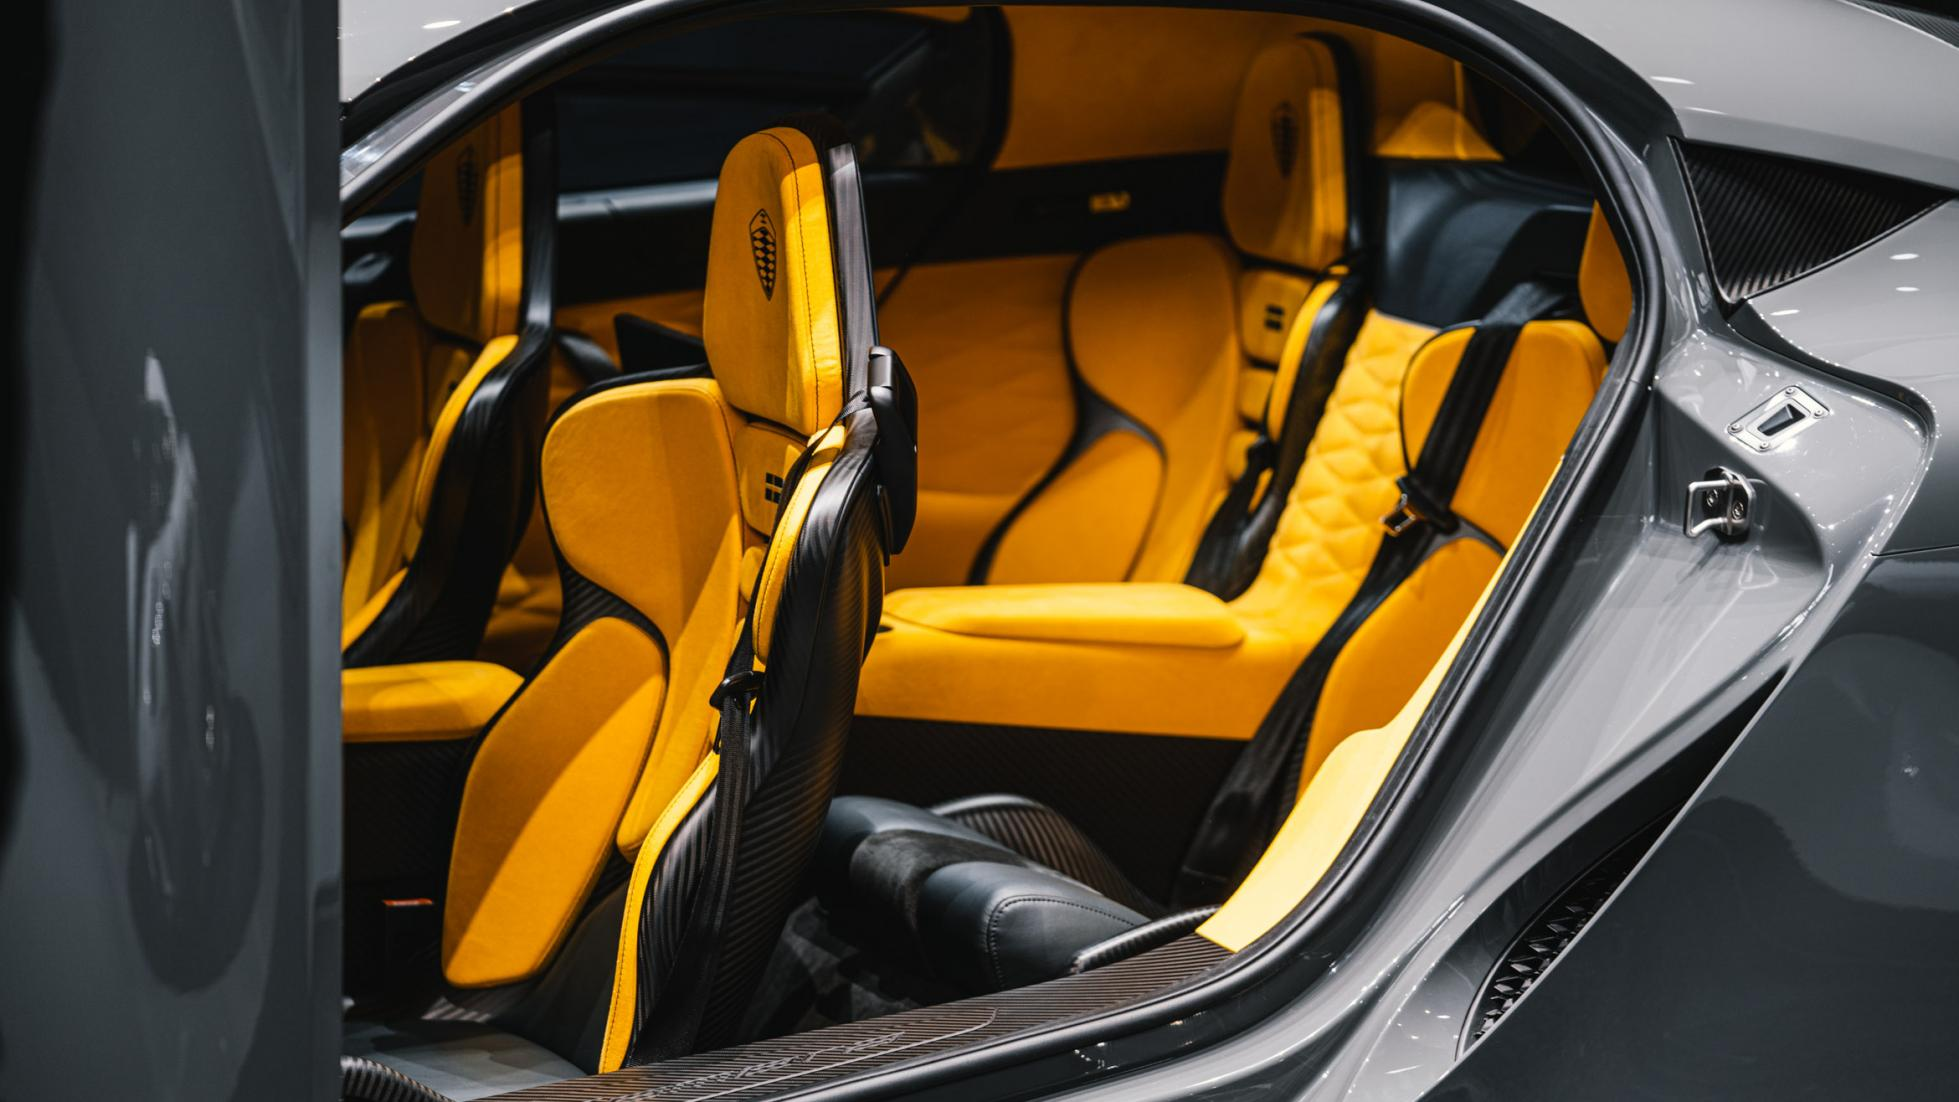 Koenigsegg Gemera - Image 12